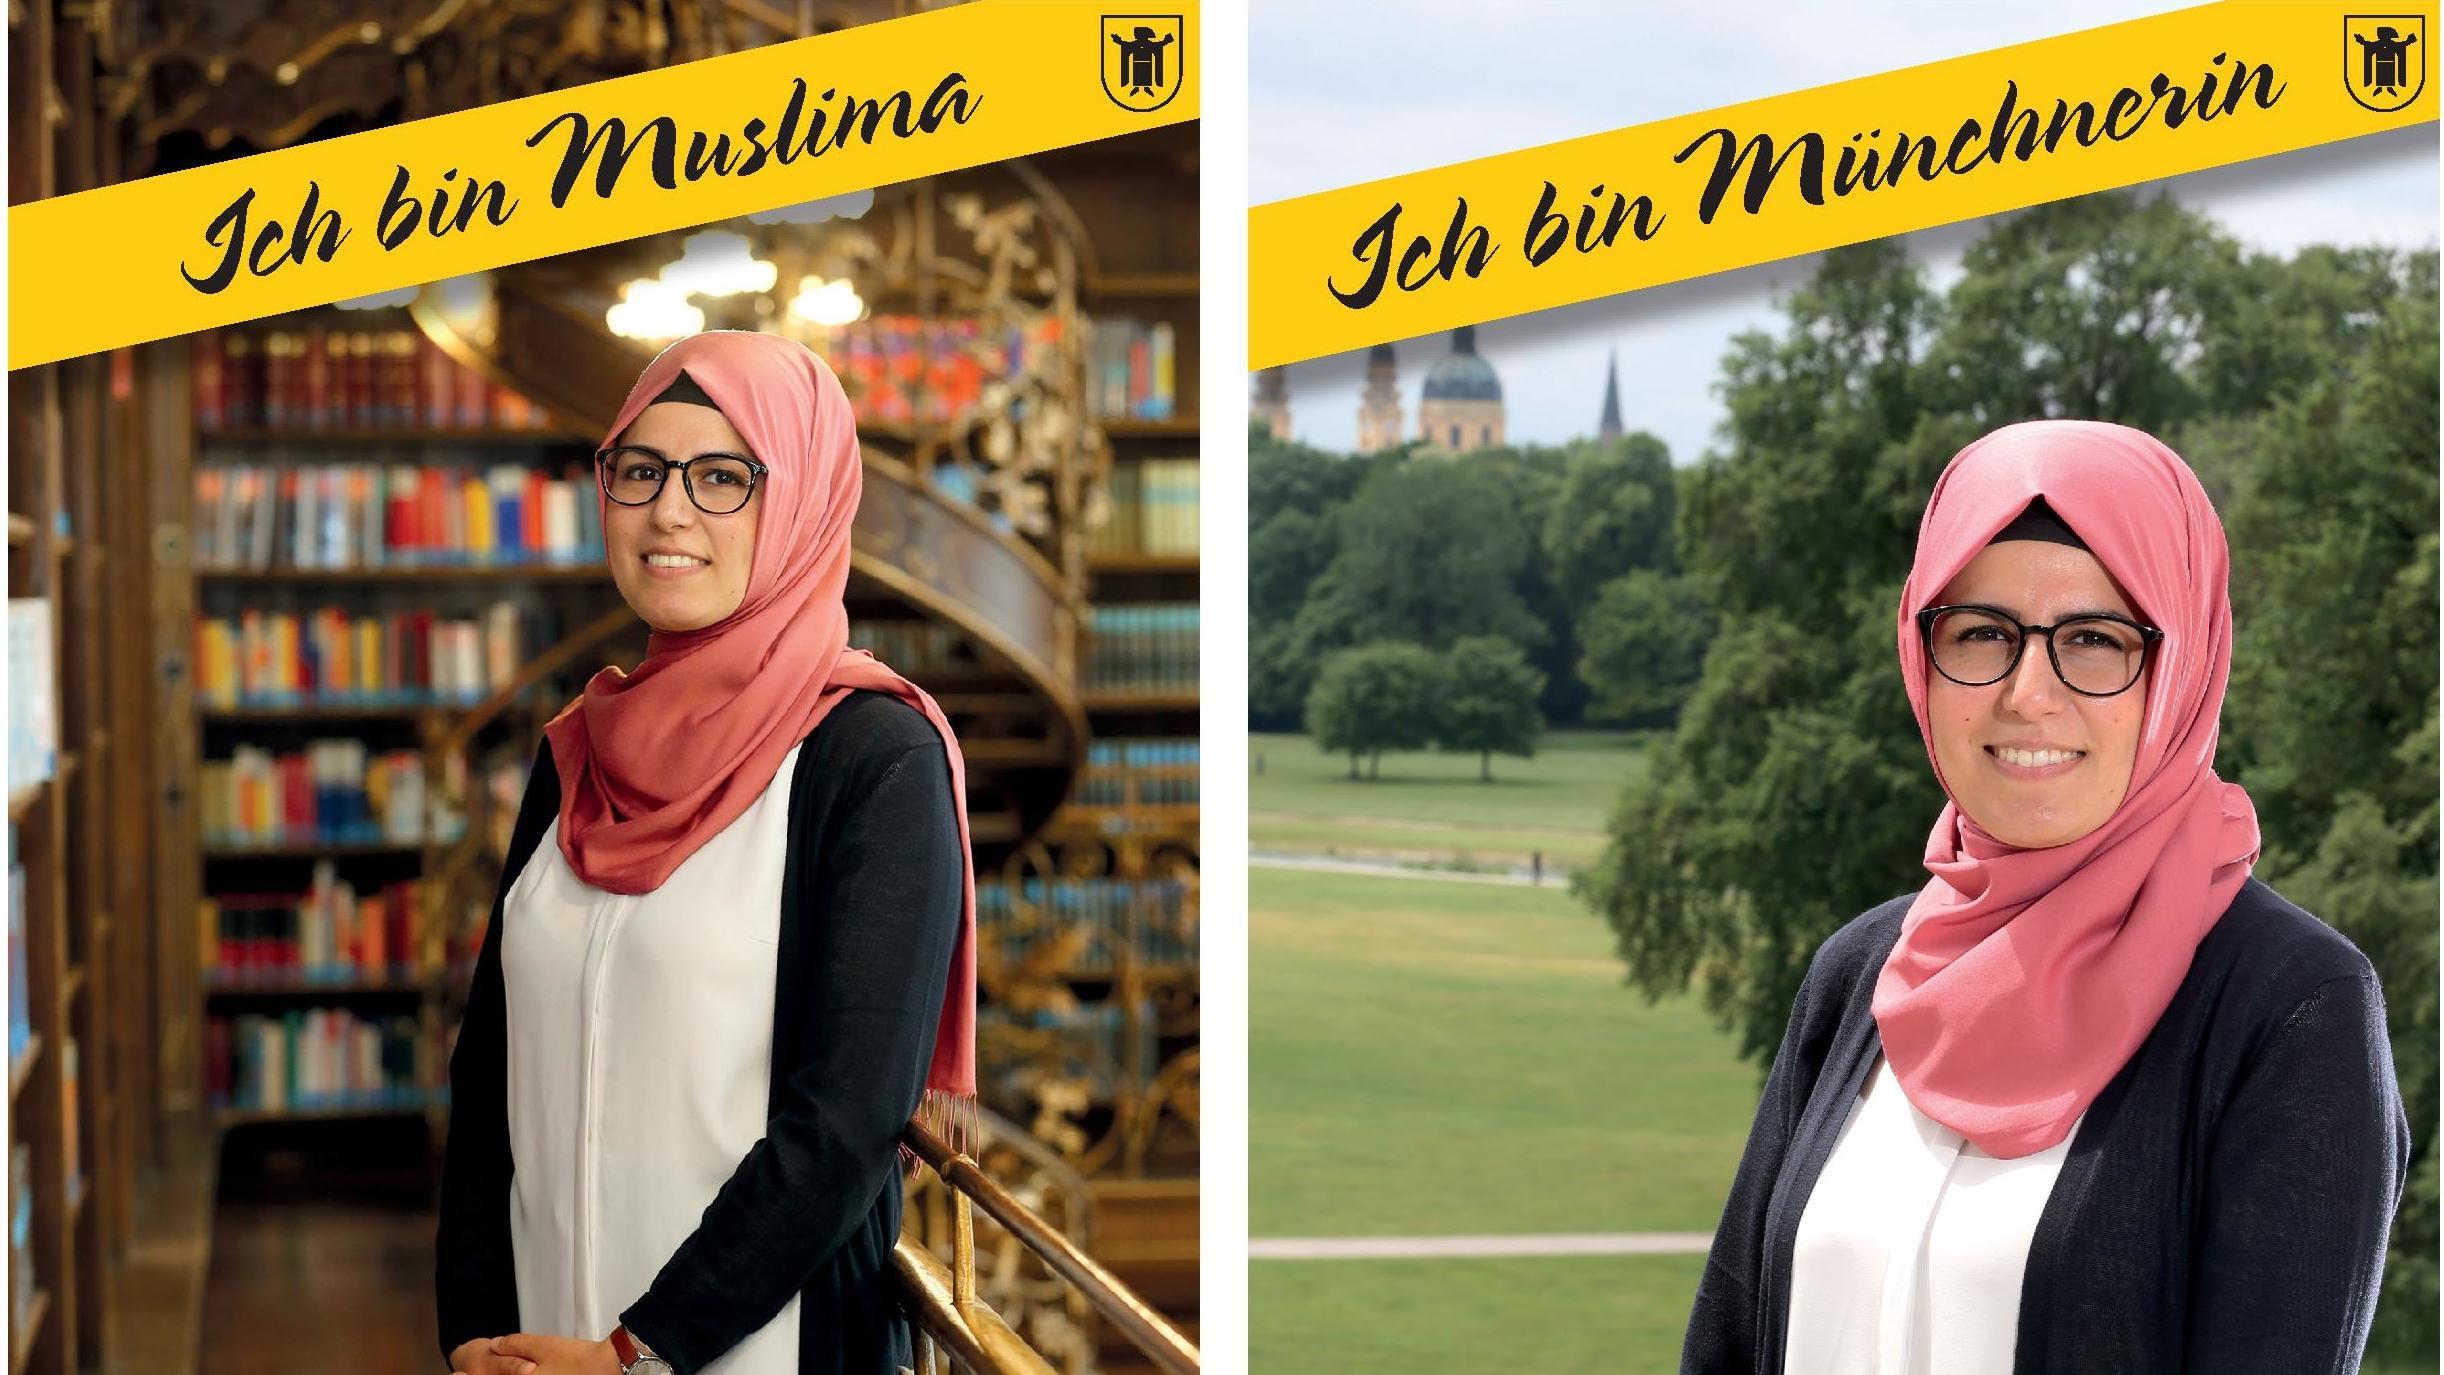 Zwei Fotos nebeneinander zeigen Merve, eine junge Frau mit Kopftuch. Bildüberschrift: Ich bin Muslima - Ich bin Münchnerin